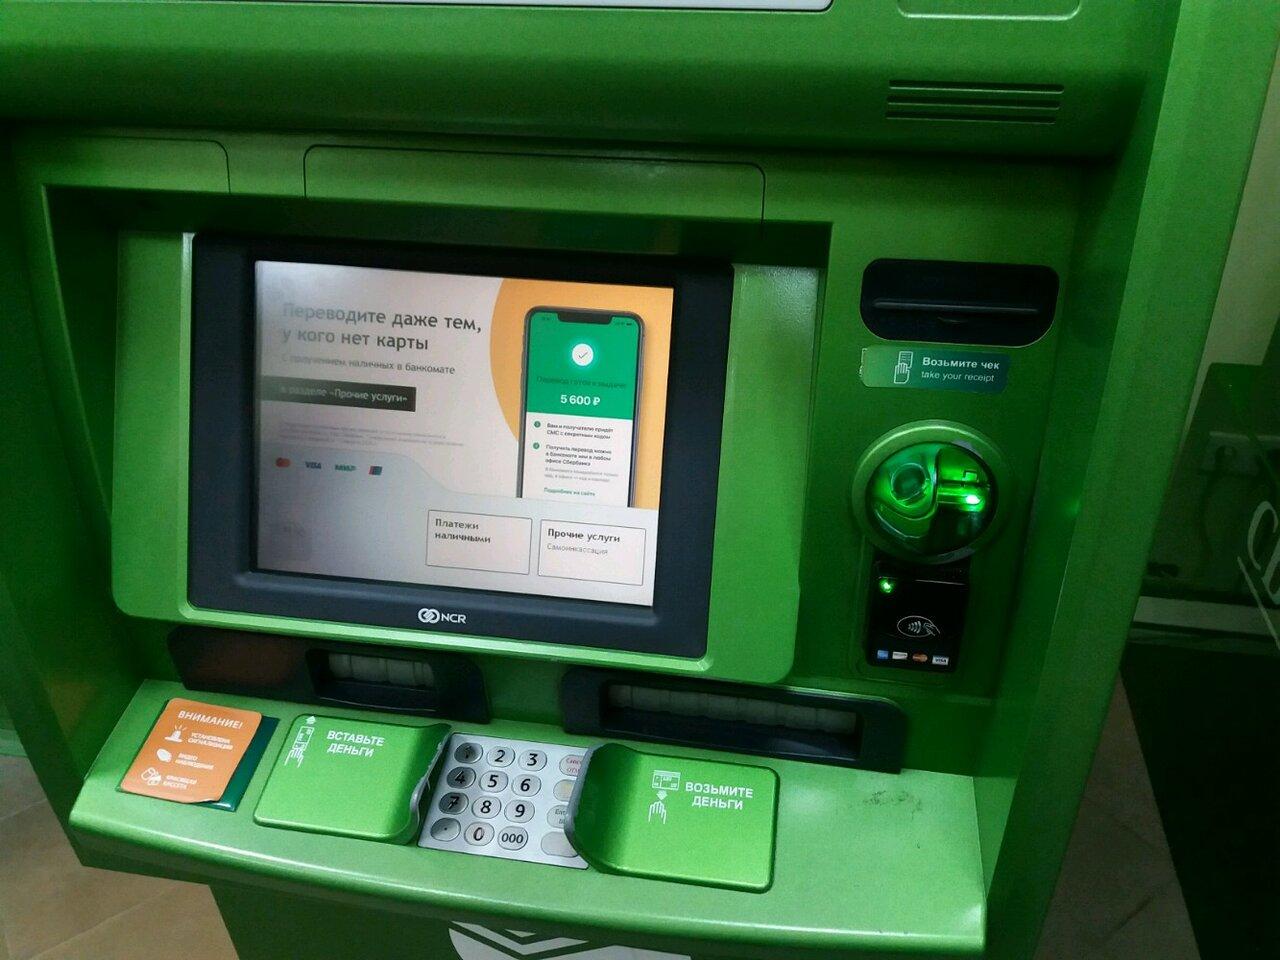 презентации сбербанк терминал подробно в картинках внимание